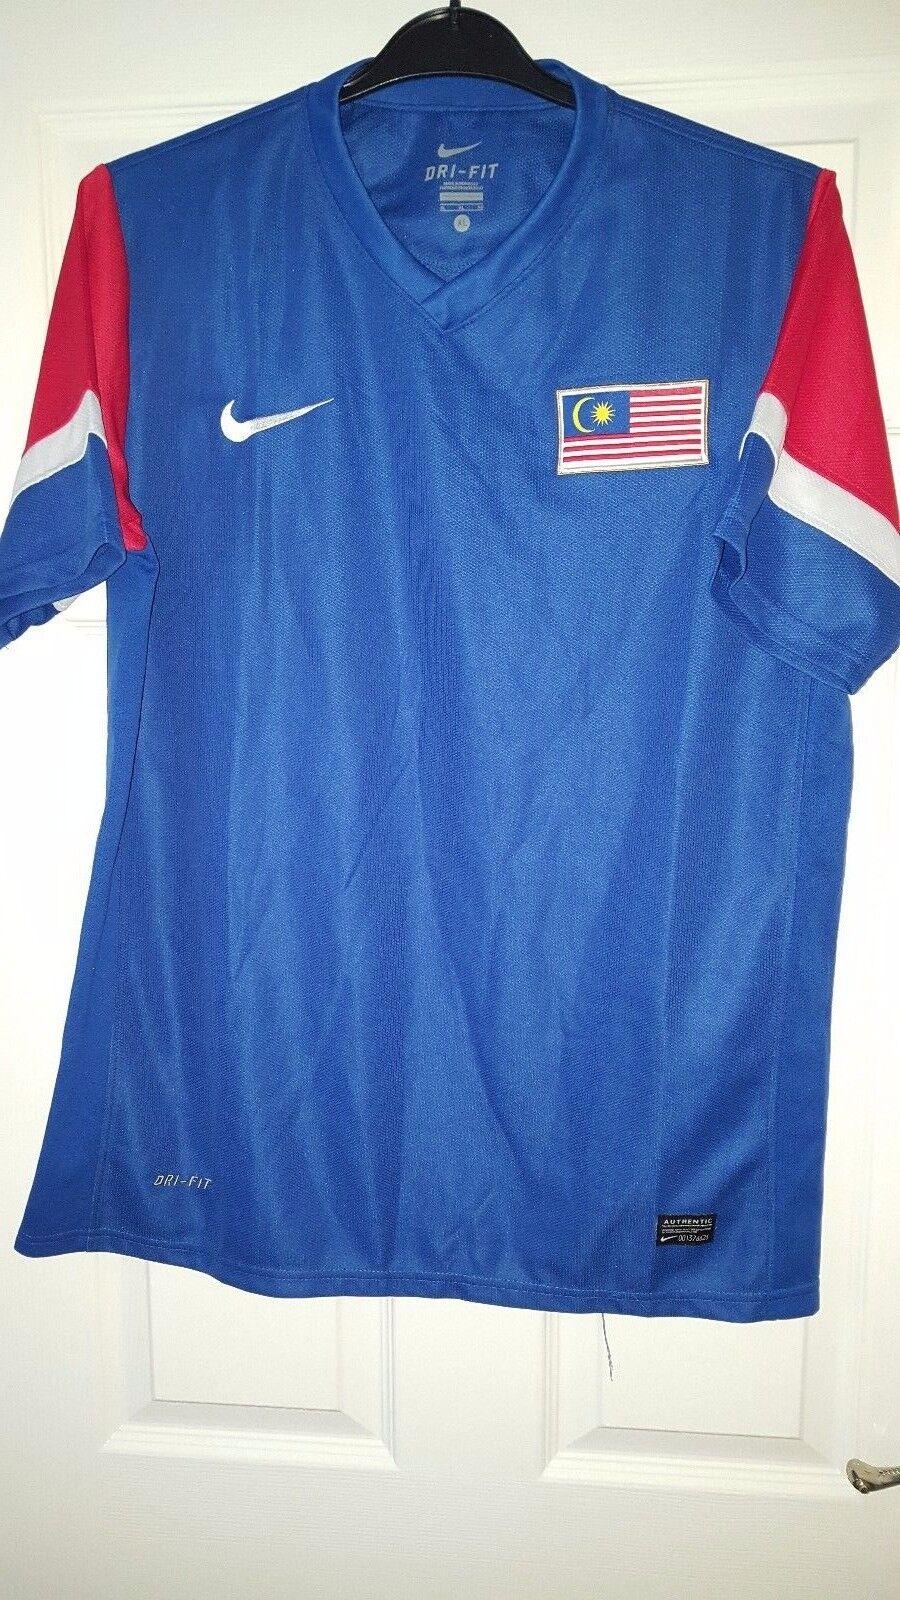 Para Hombres Camisa De Fútbol-Malasia Equipo Nacional-Nike-Away 2010-2011 - Azul-XL